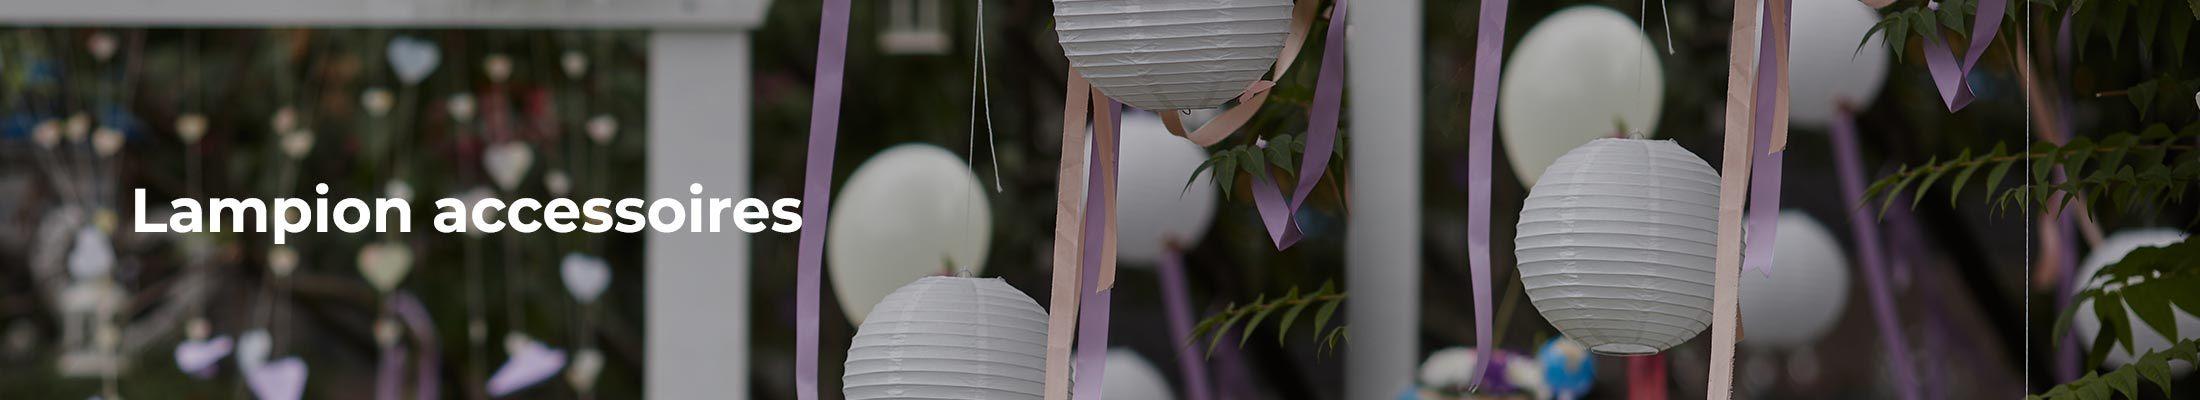 Lampion accessoires